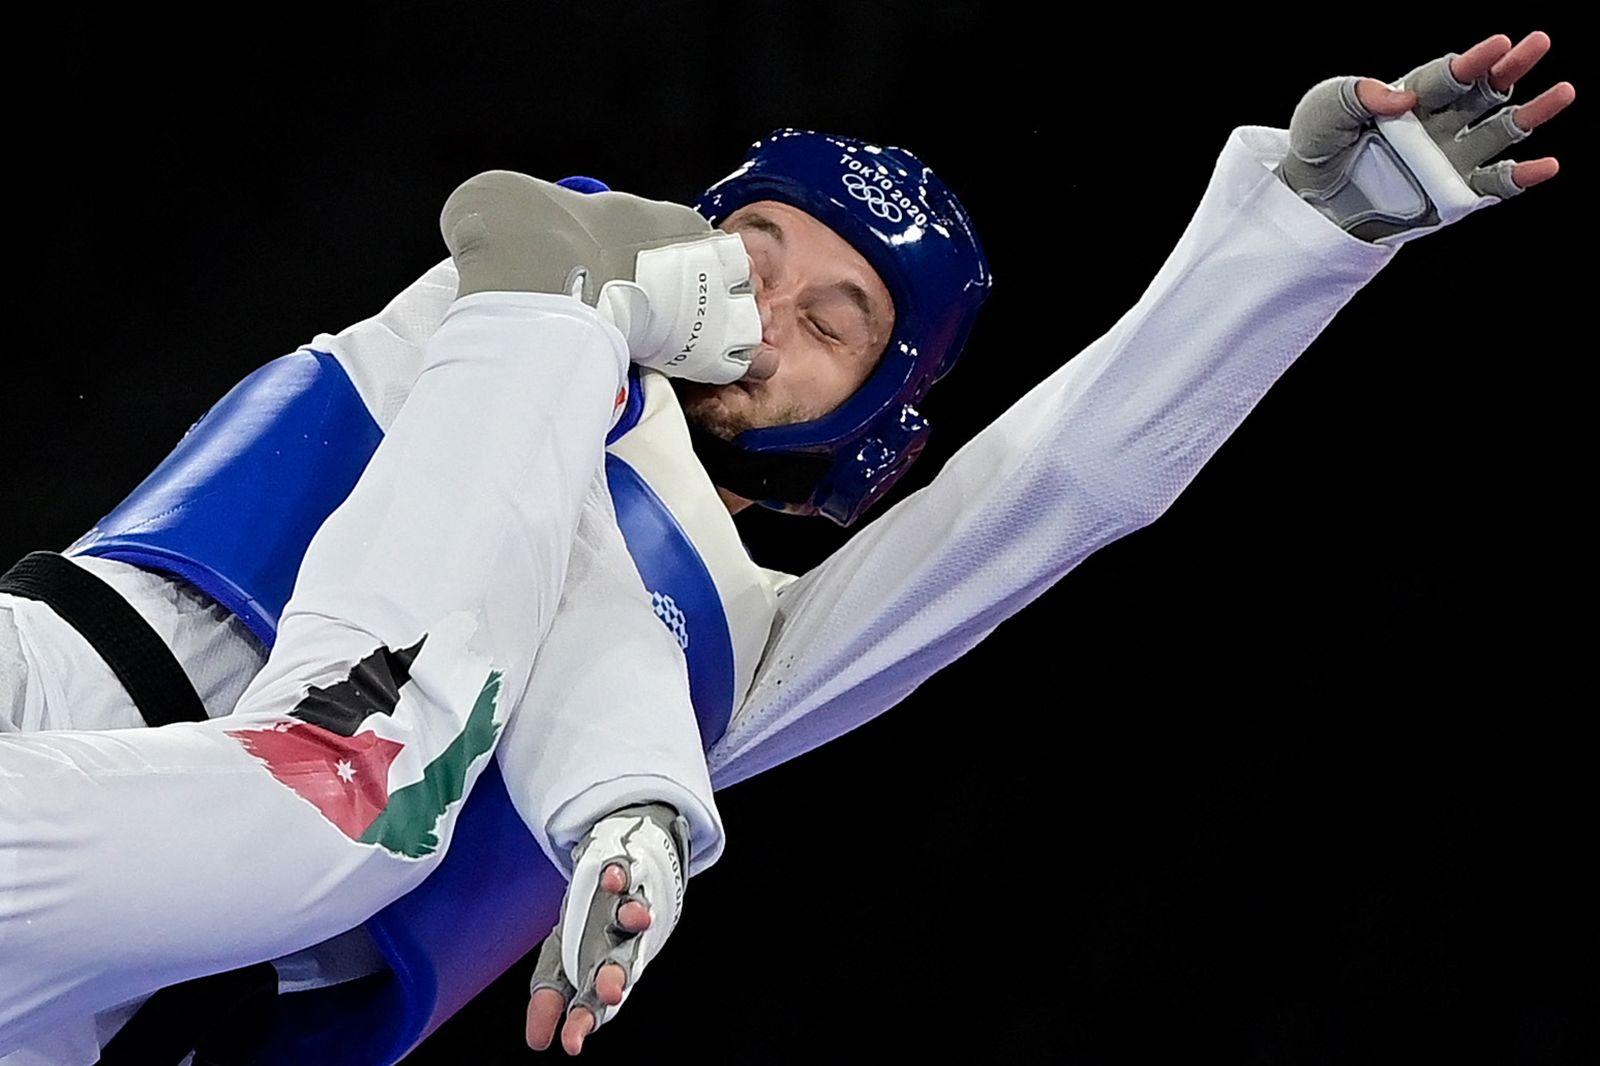 ضربه کاری به صورت تکواندوکار نروژی در مسابقات المپیک